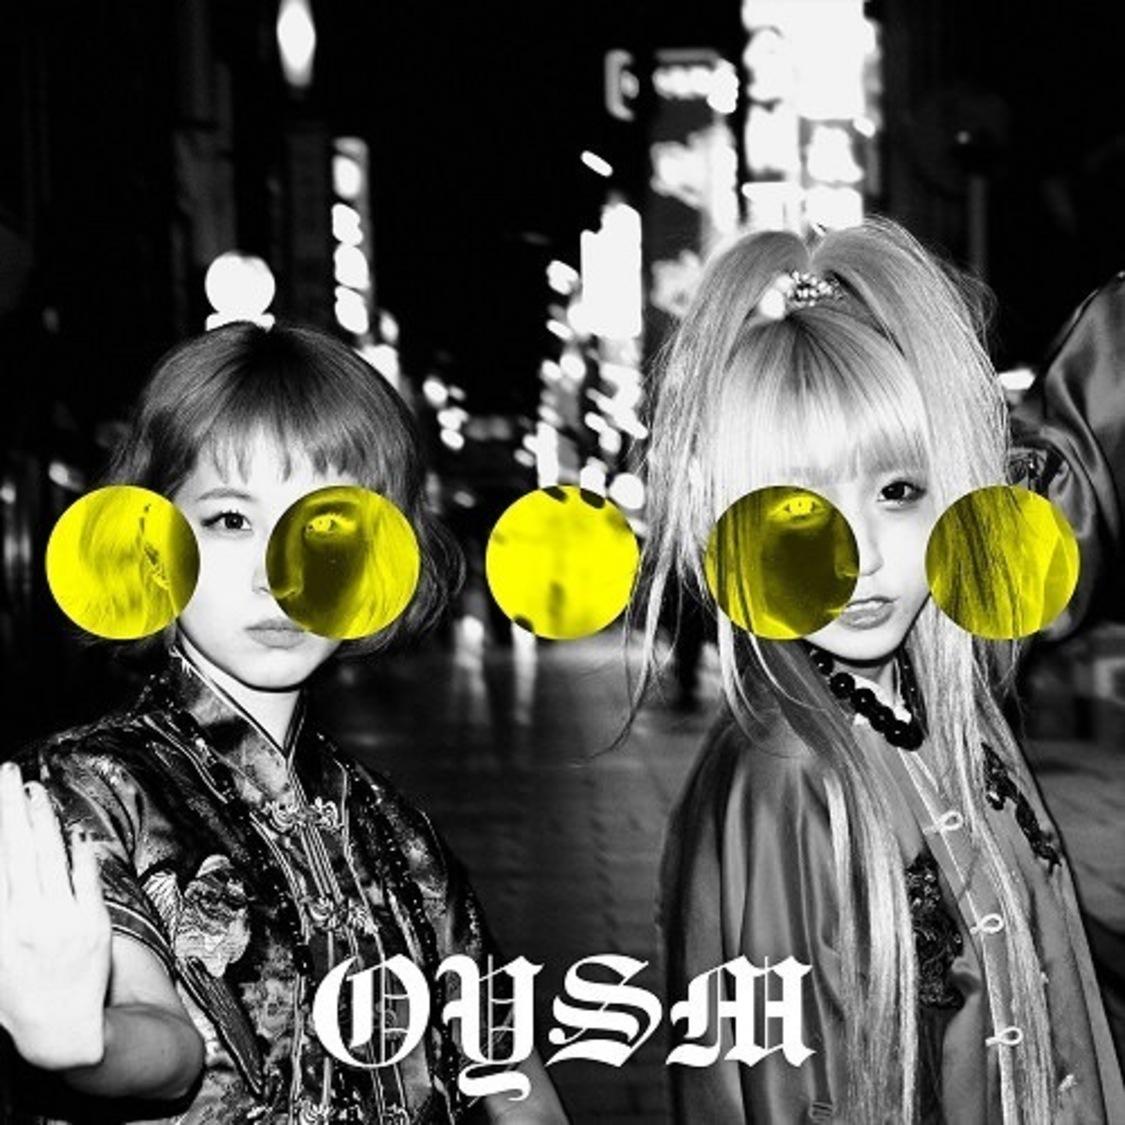 おやすみホログラム、EYヨやサクライケンタらが参加したリミックスアルバム『.....』LP盤リリース決定!